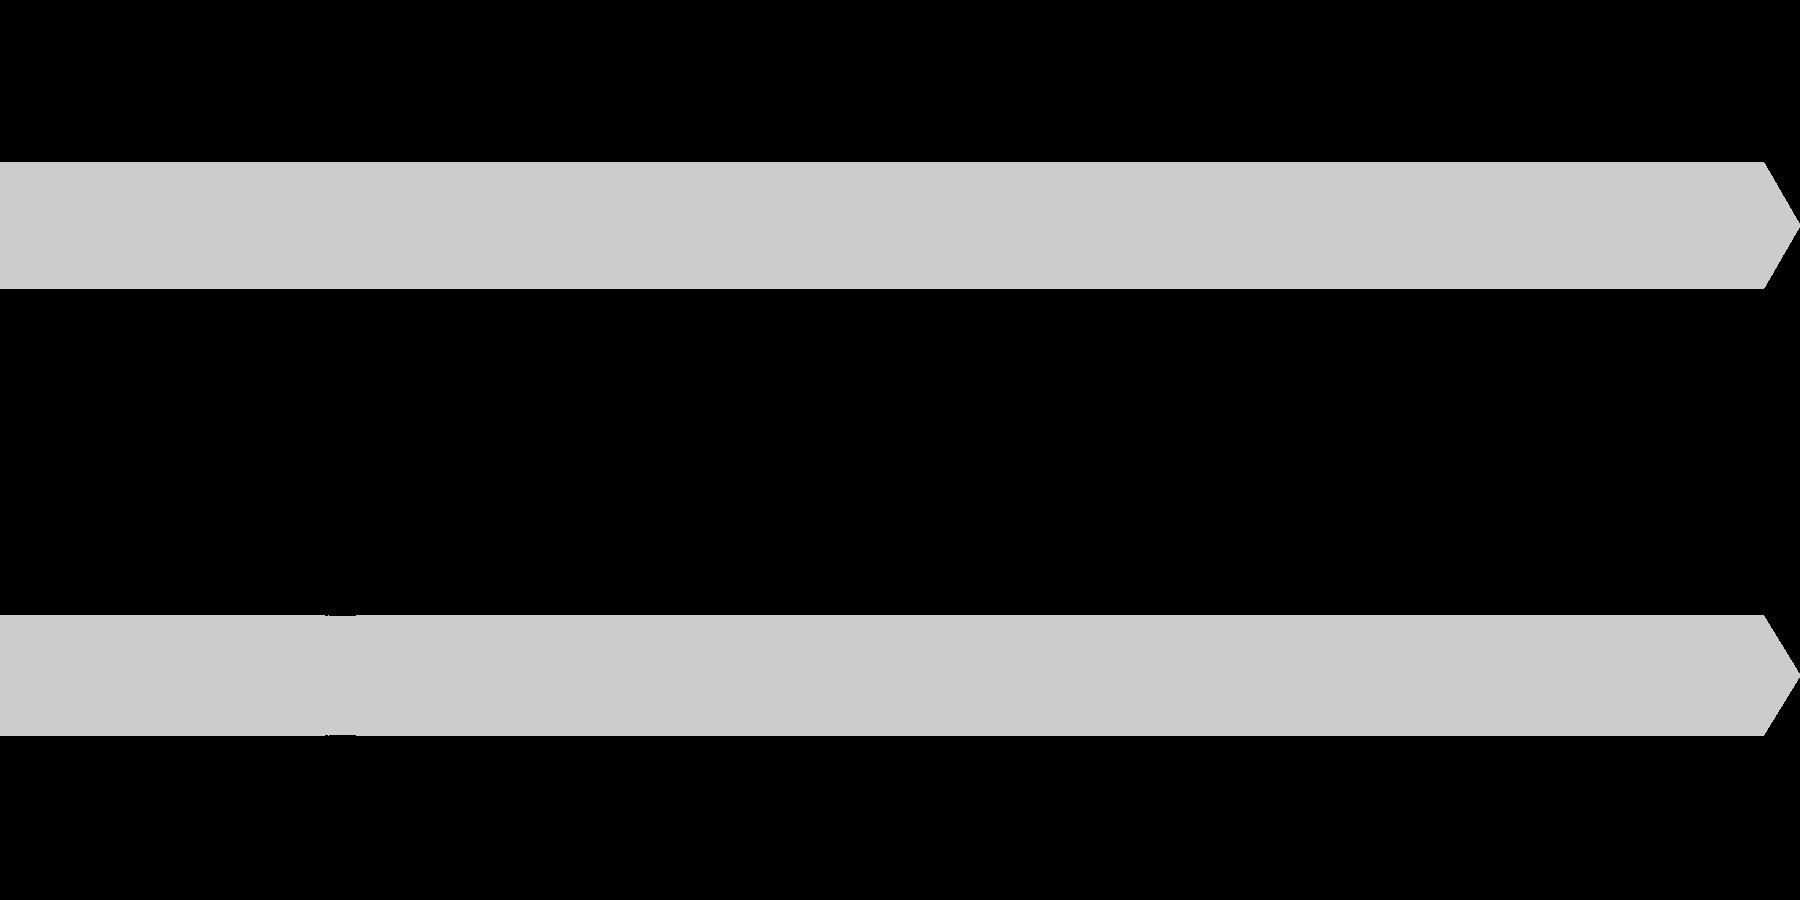 ソルフェジオ周波数639Hzの未再生の波形